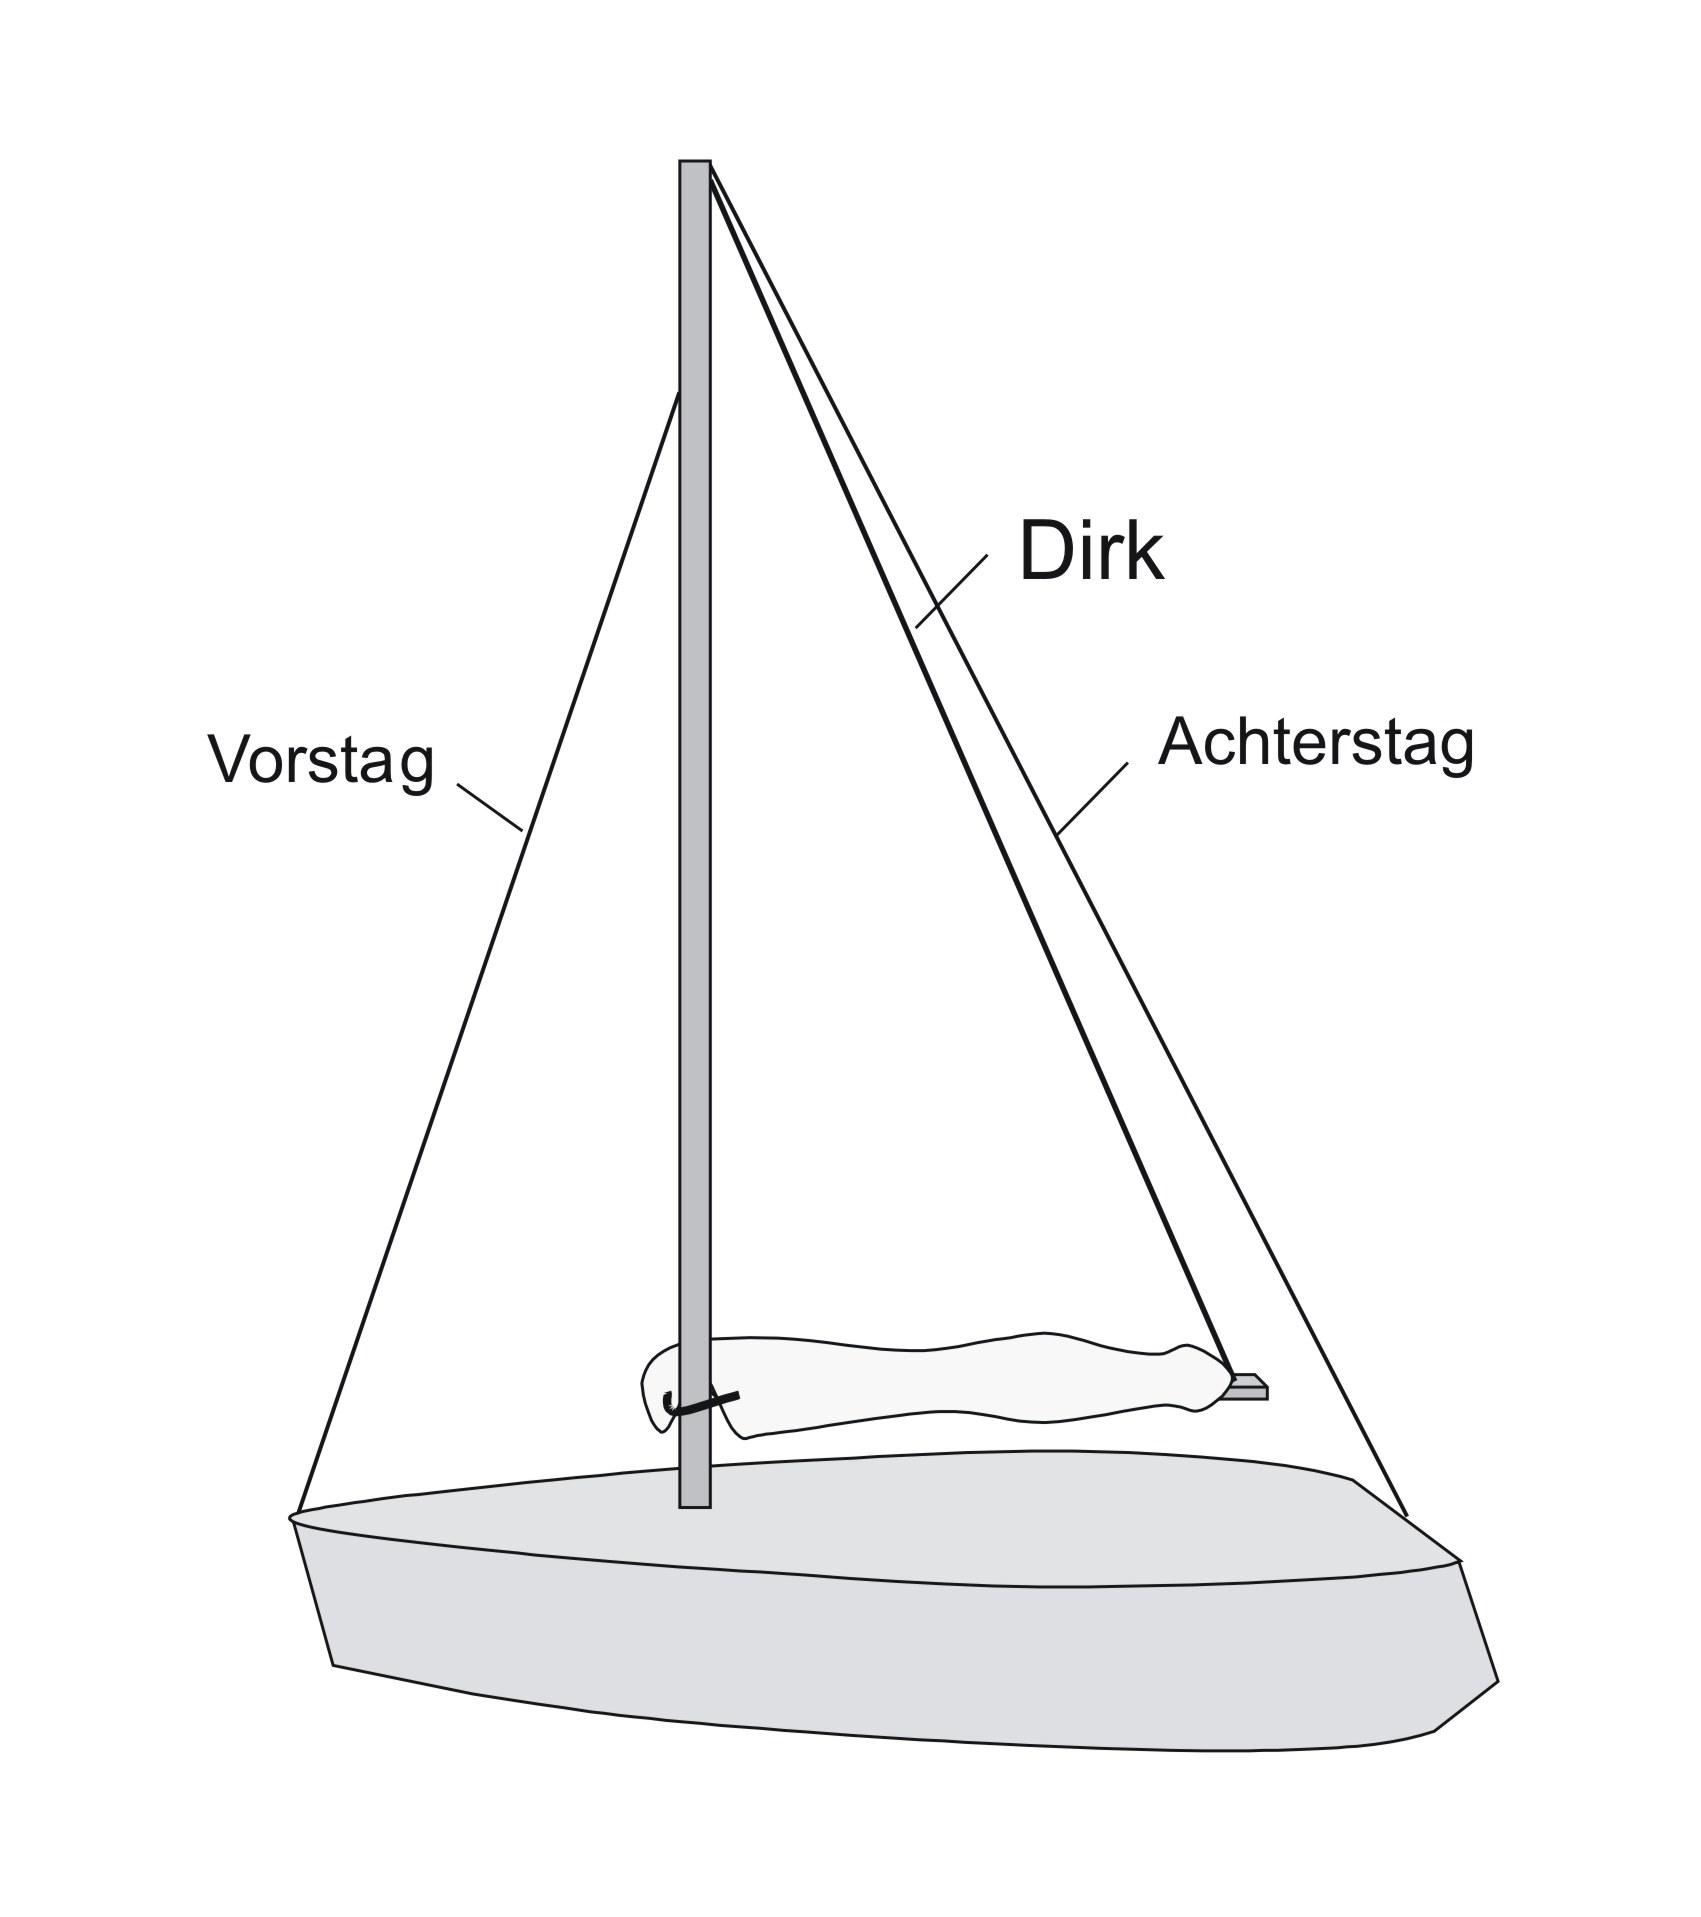 Beschreibung Dirk segeln.jpg